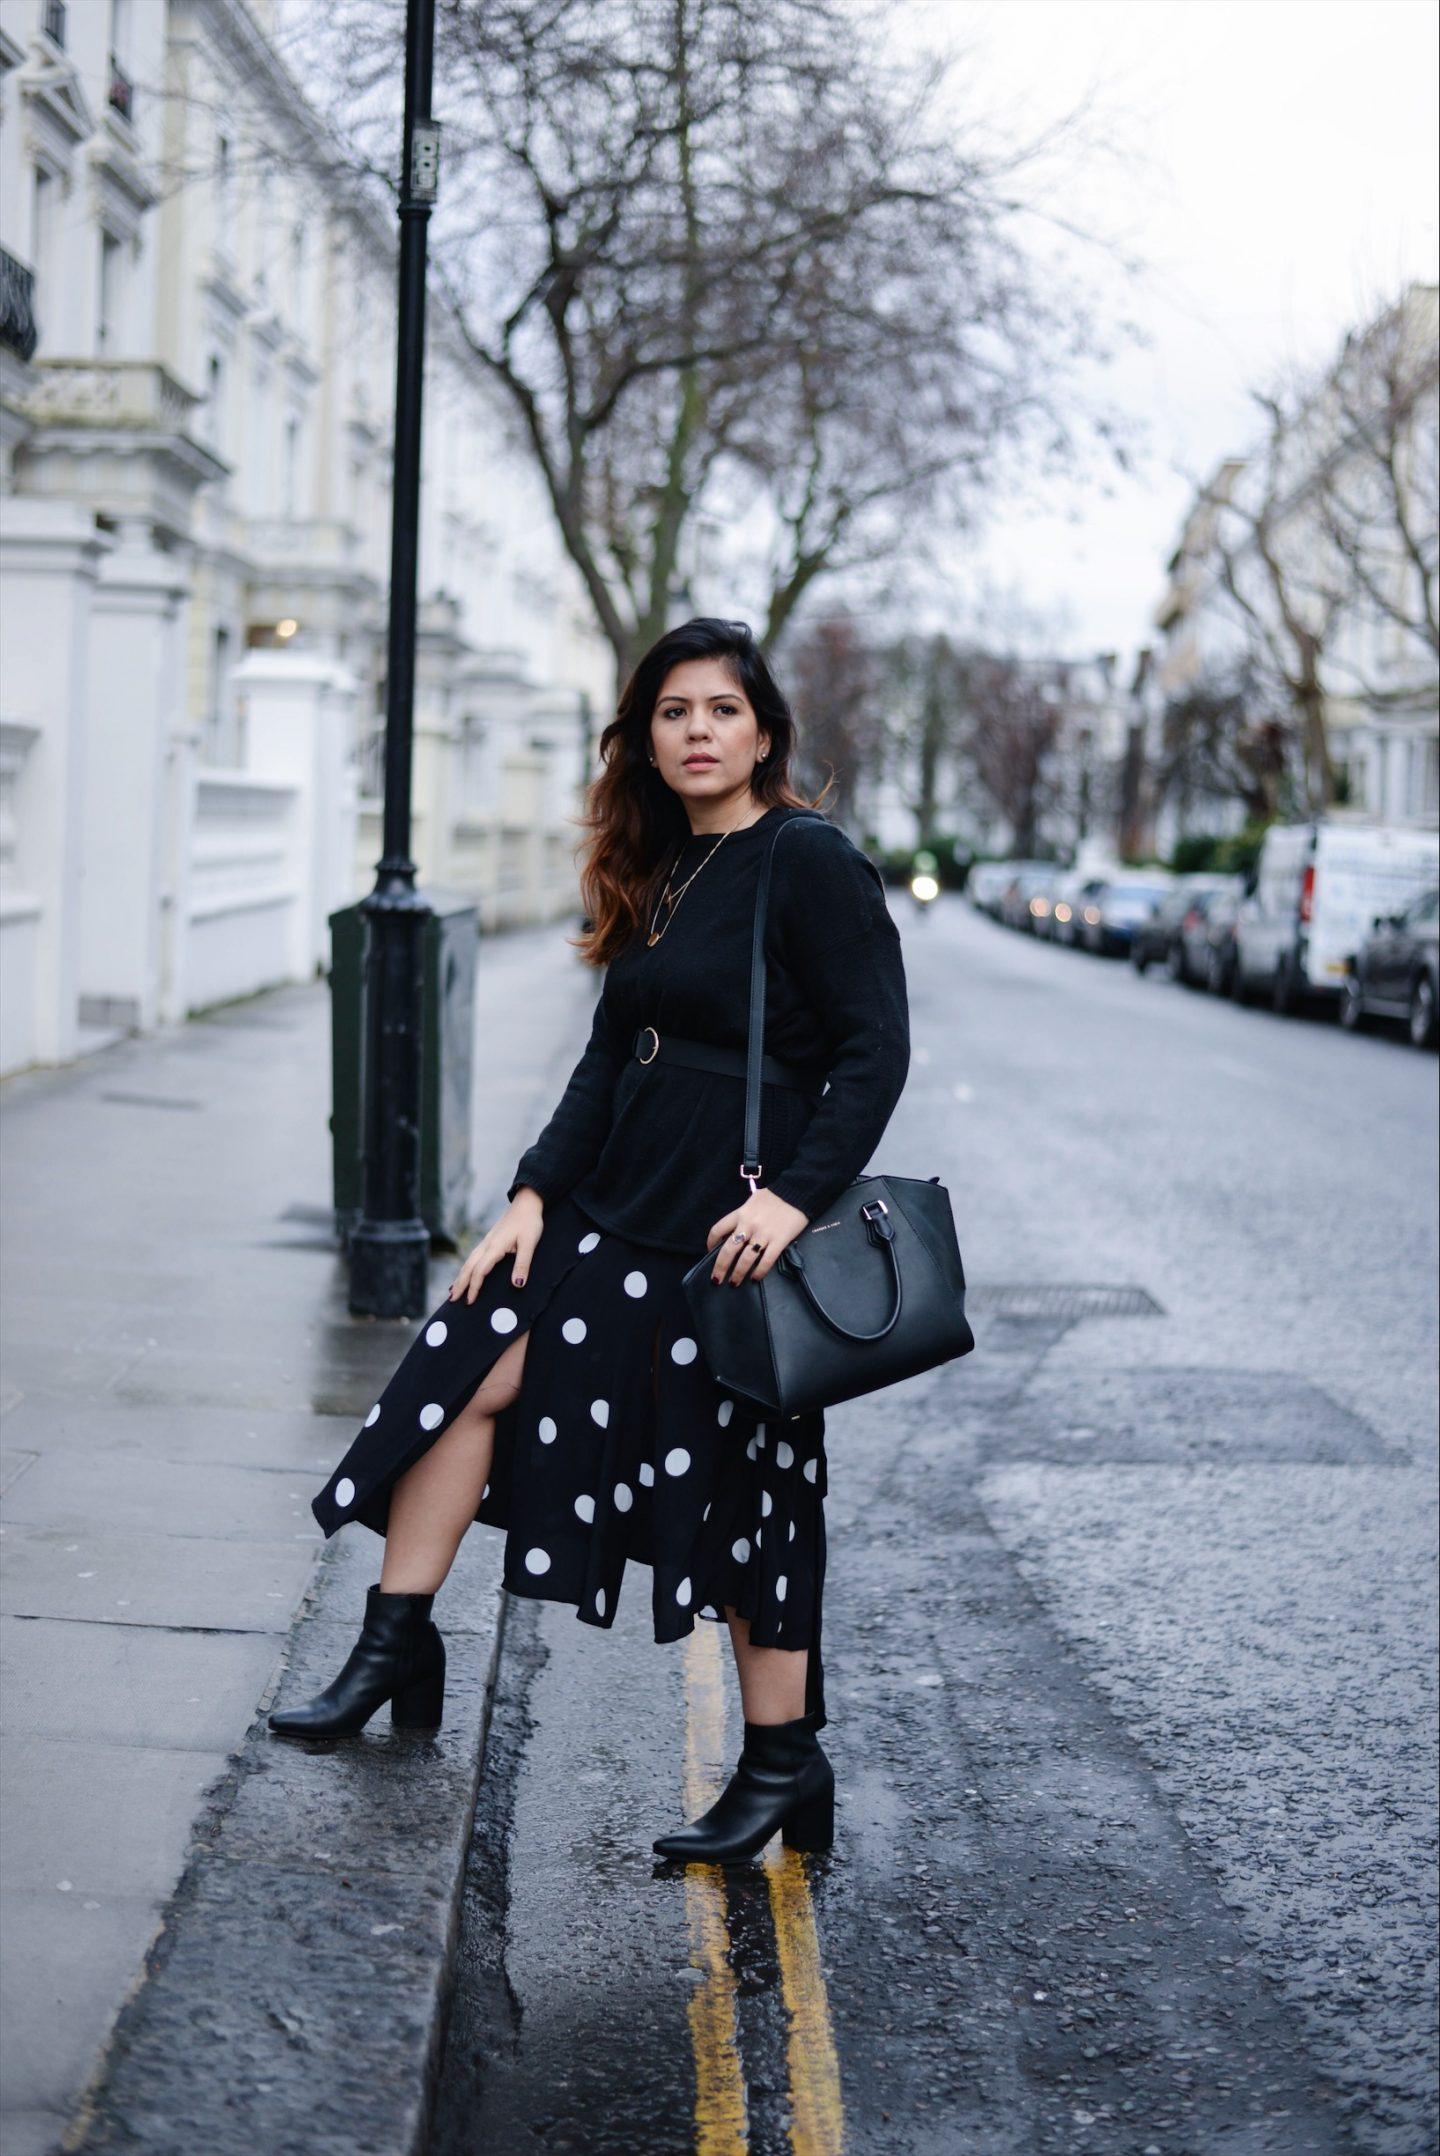 polka dot dress london fashion blogger